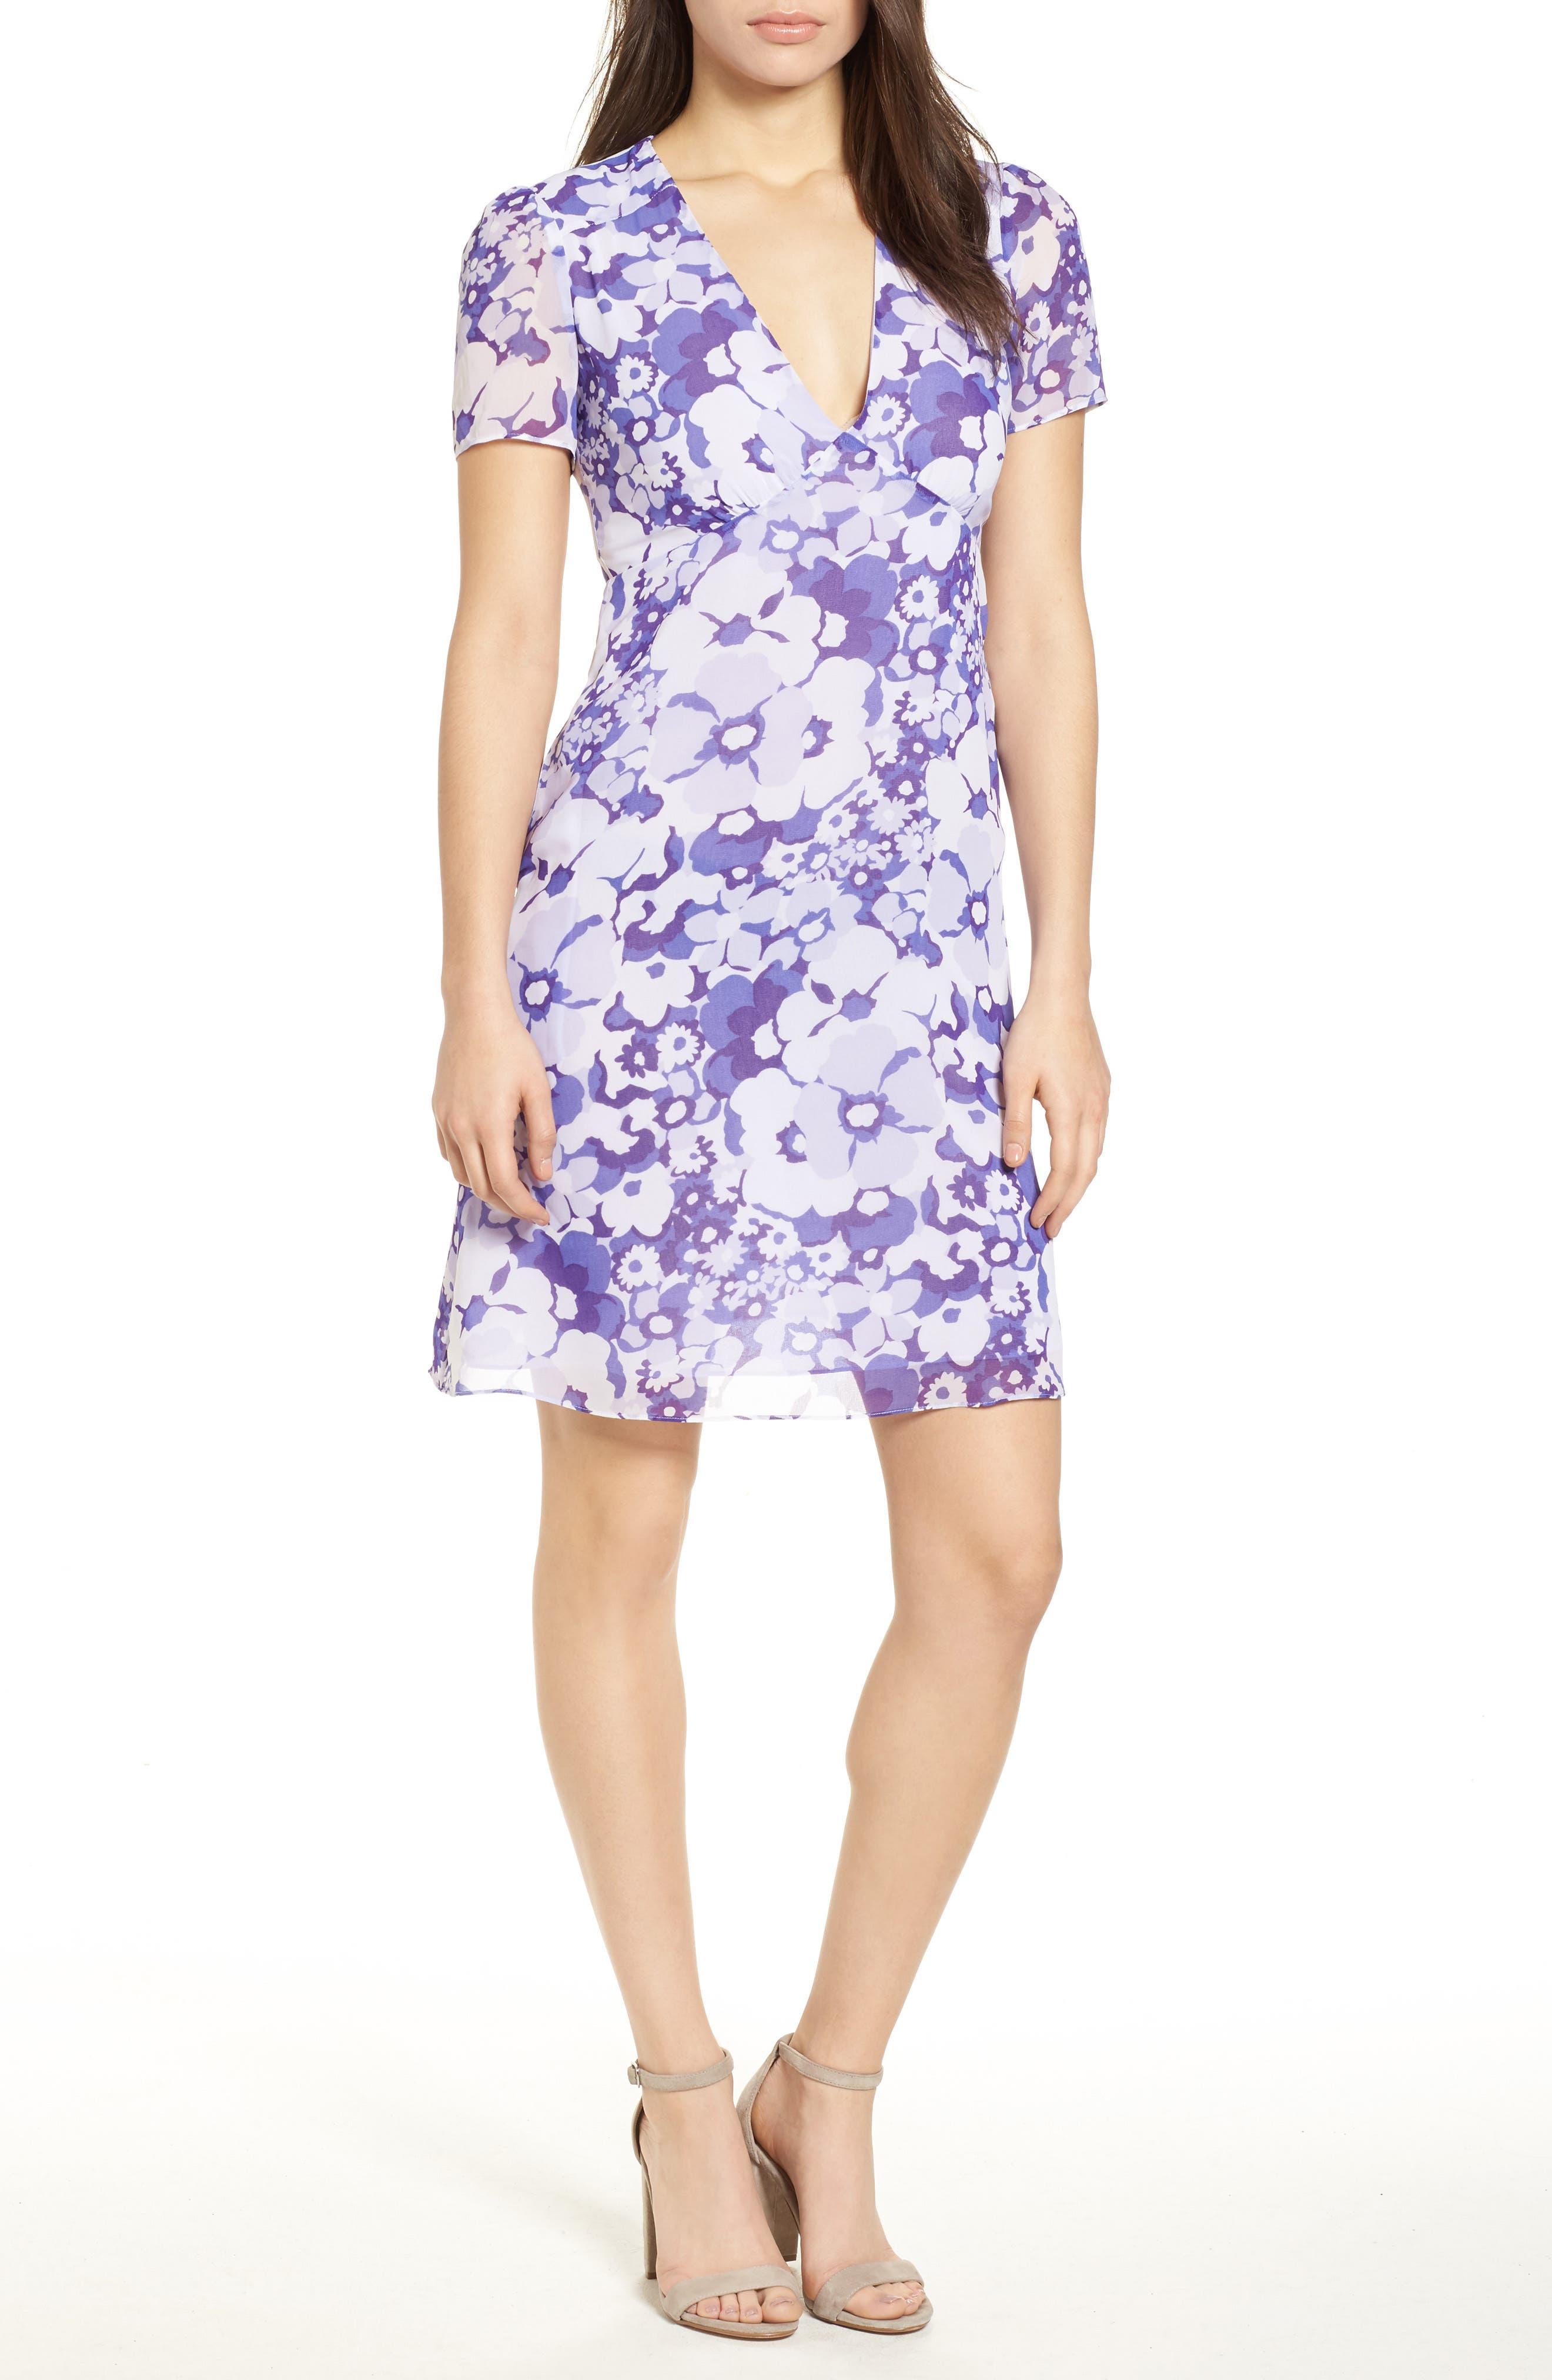 Springtime Floral Dress,                             Main thumbnail 1, color,                             580